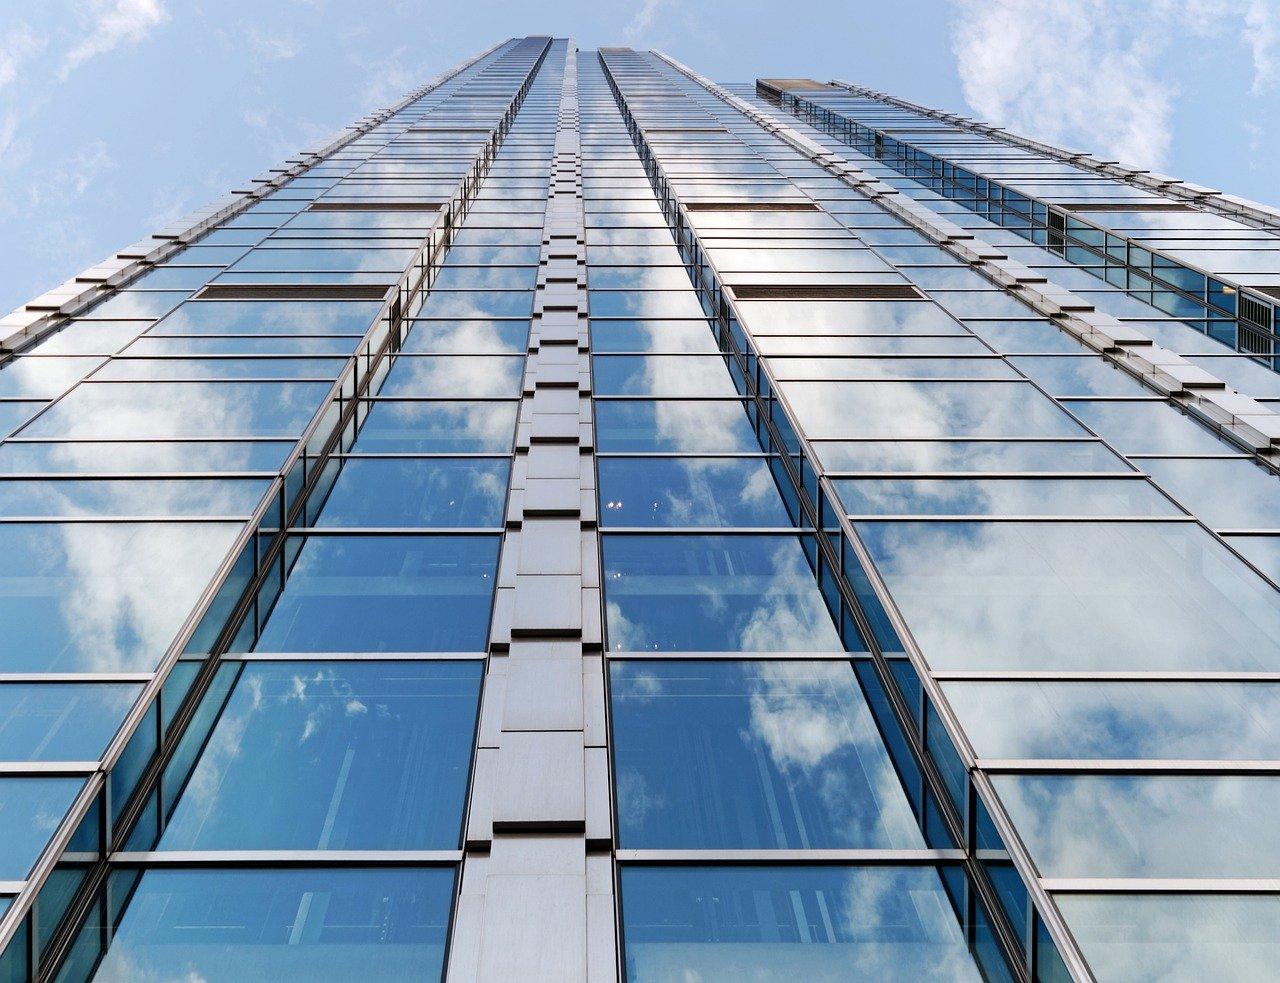 ガラス張りの高層ビル